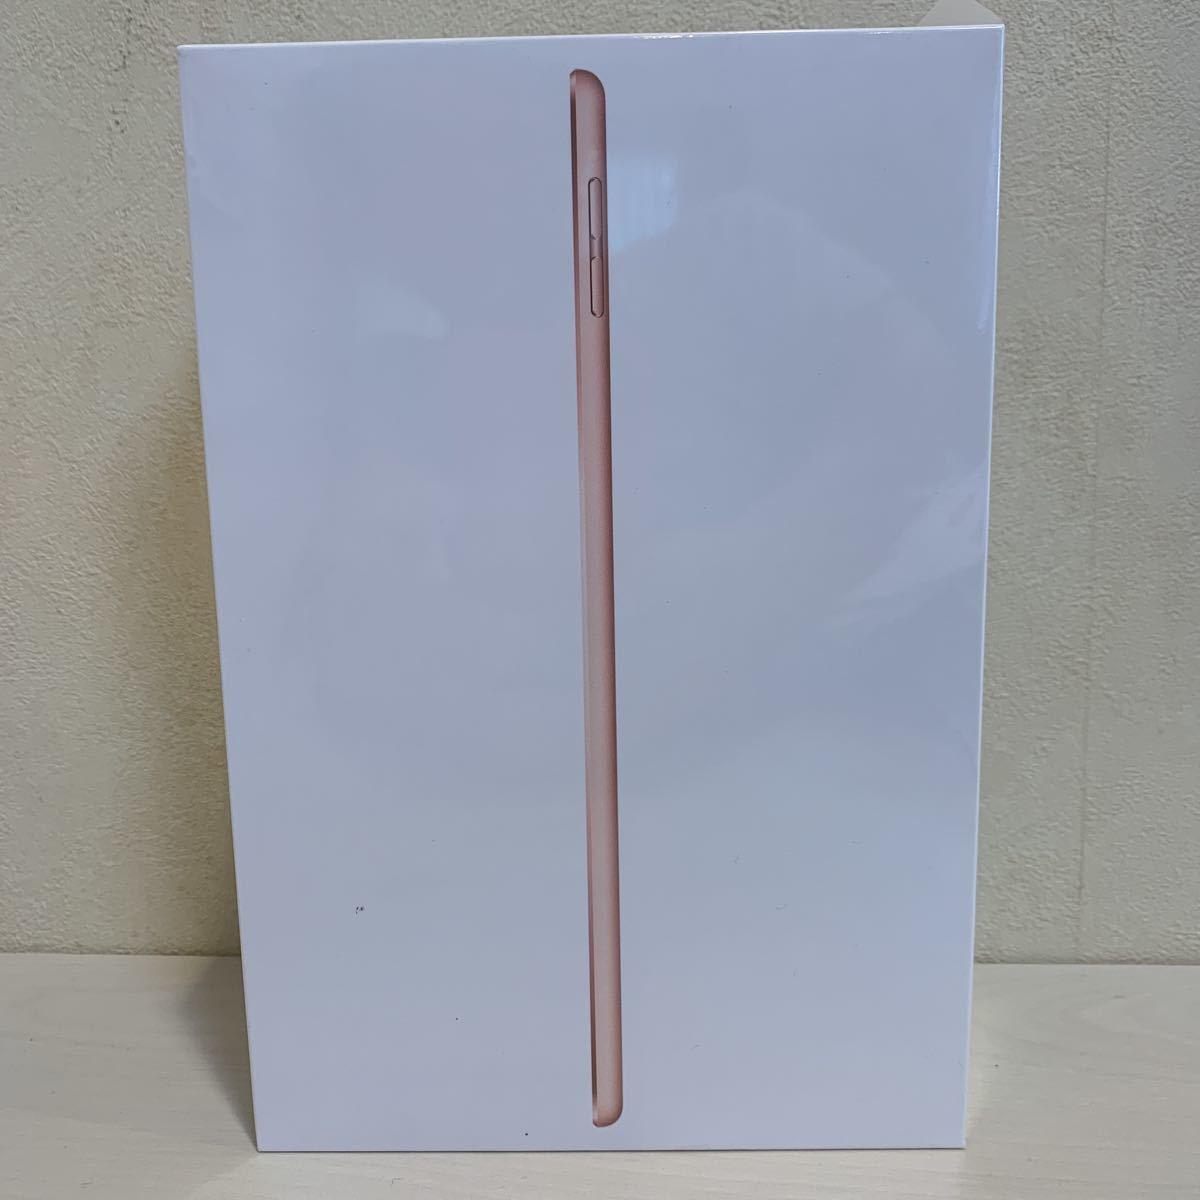 未使用未開封新品 iPad mini Wifi 64GB Gold